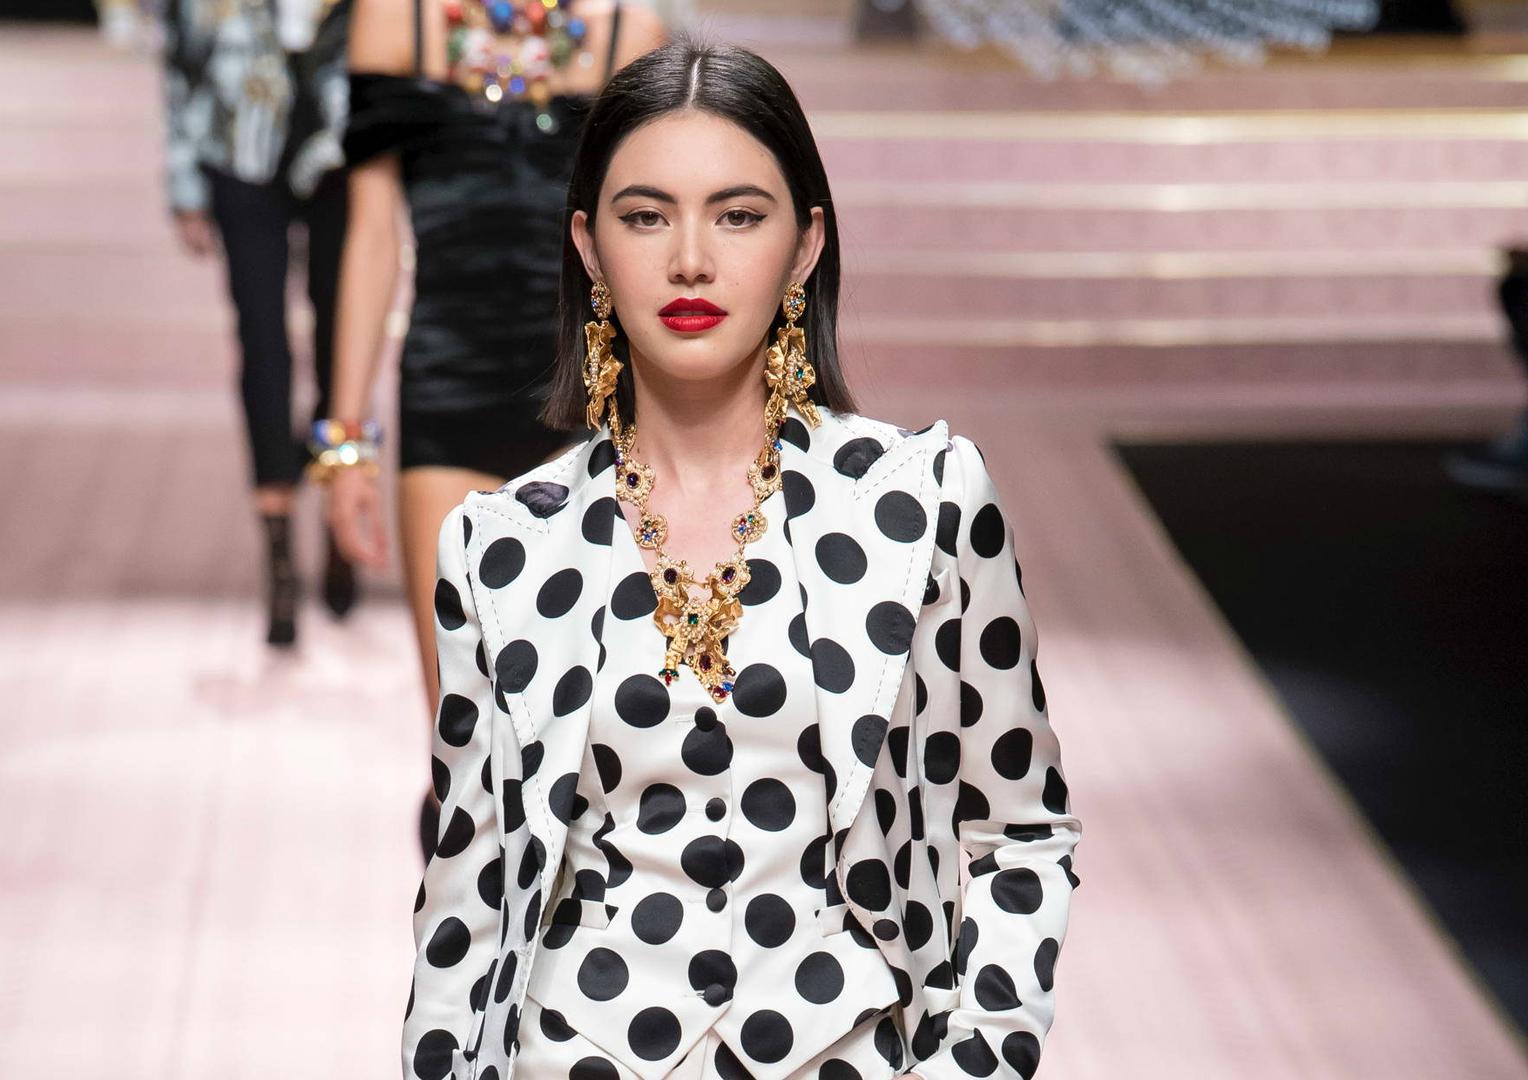 c5c1f45fe670 Мода — последние тенденции женской моды 2018, стиль звезд   Passion.ru